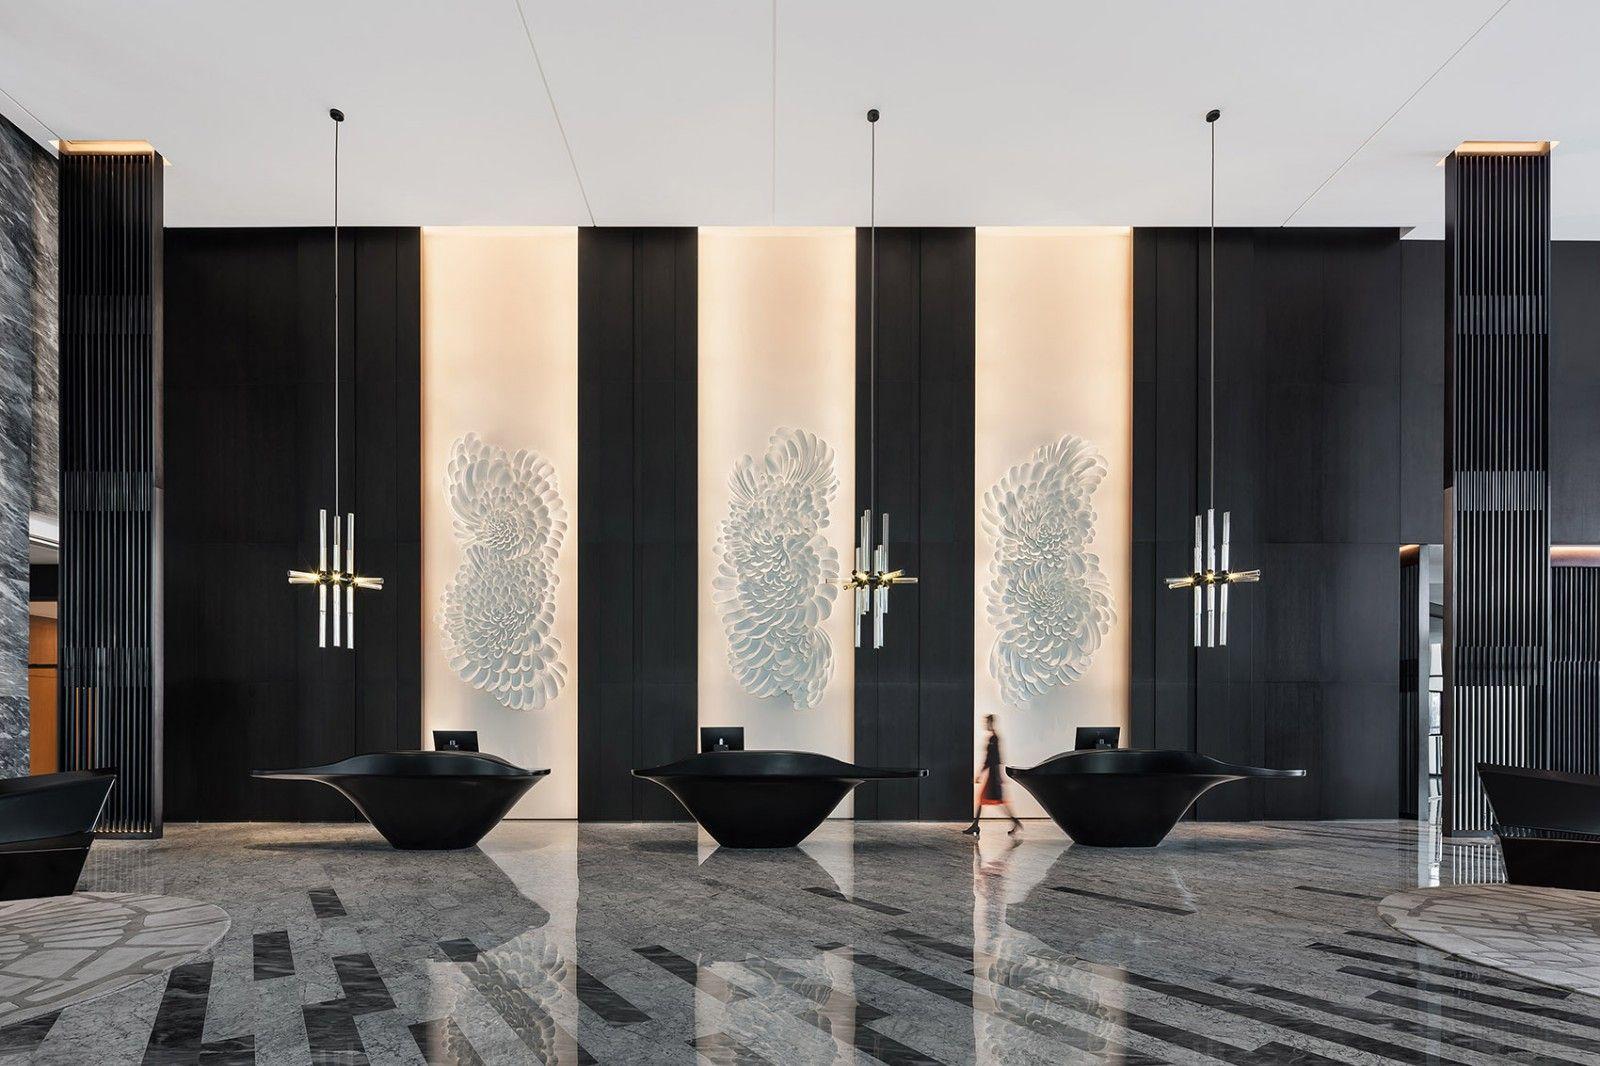 最新 | 毕路德建筑顾问有限公司:中山保利艾美酒店